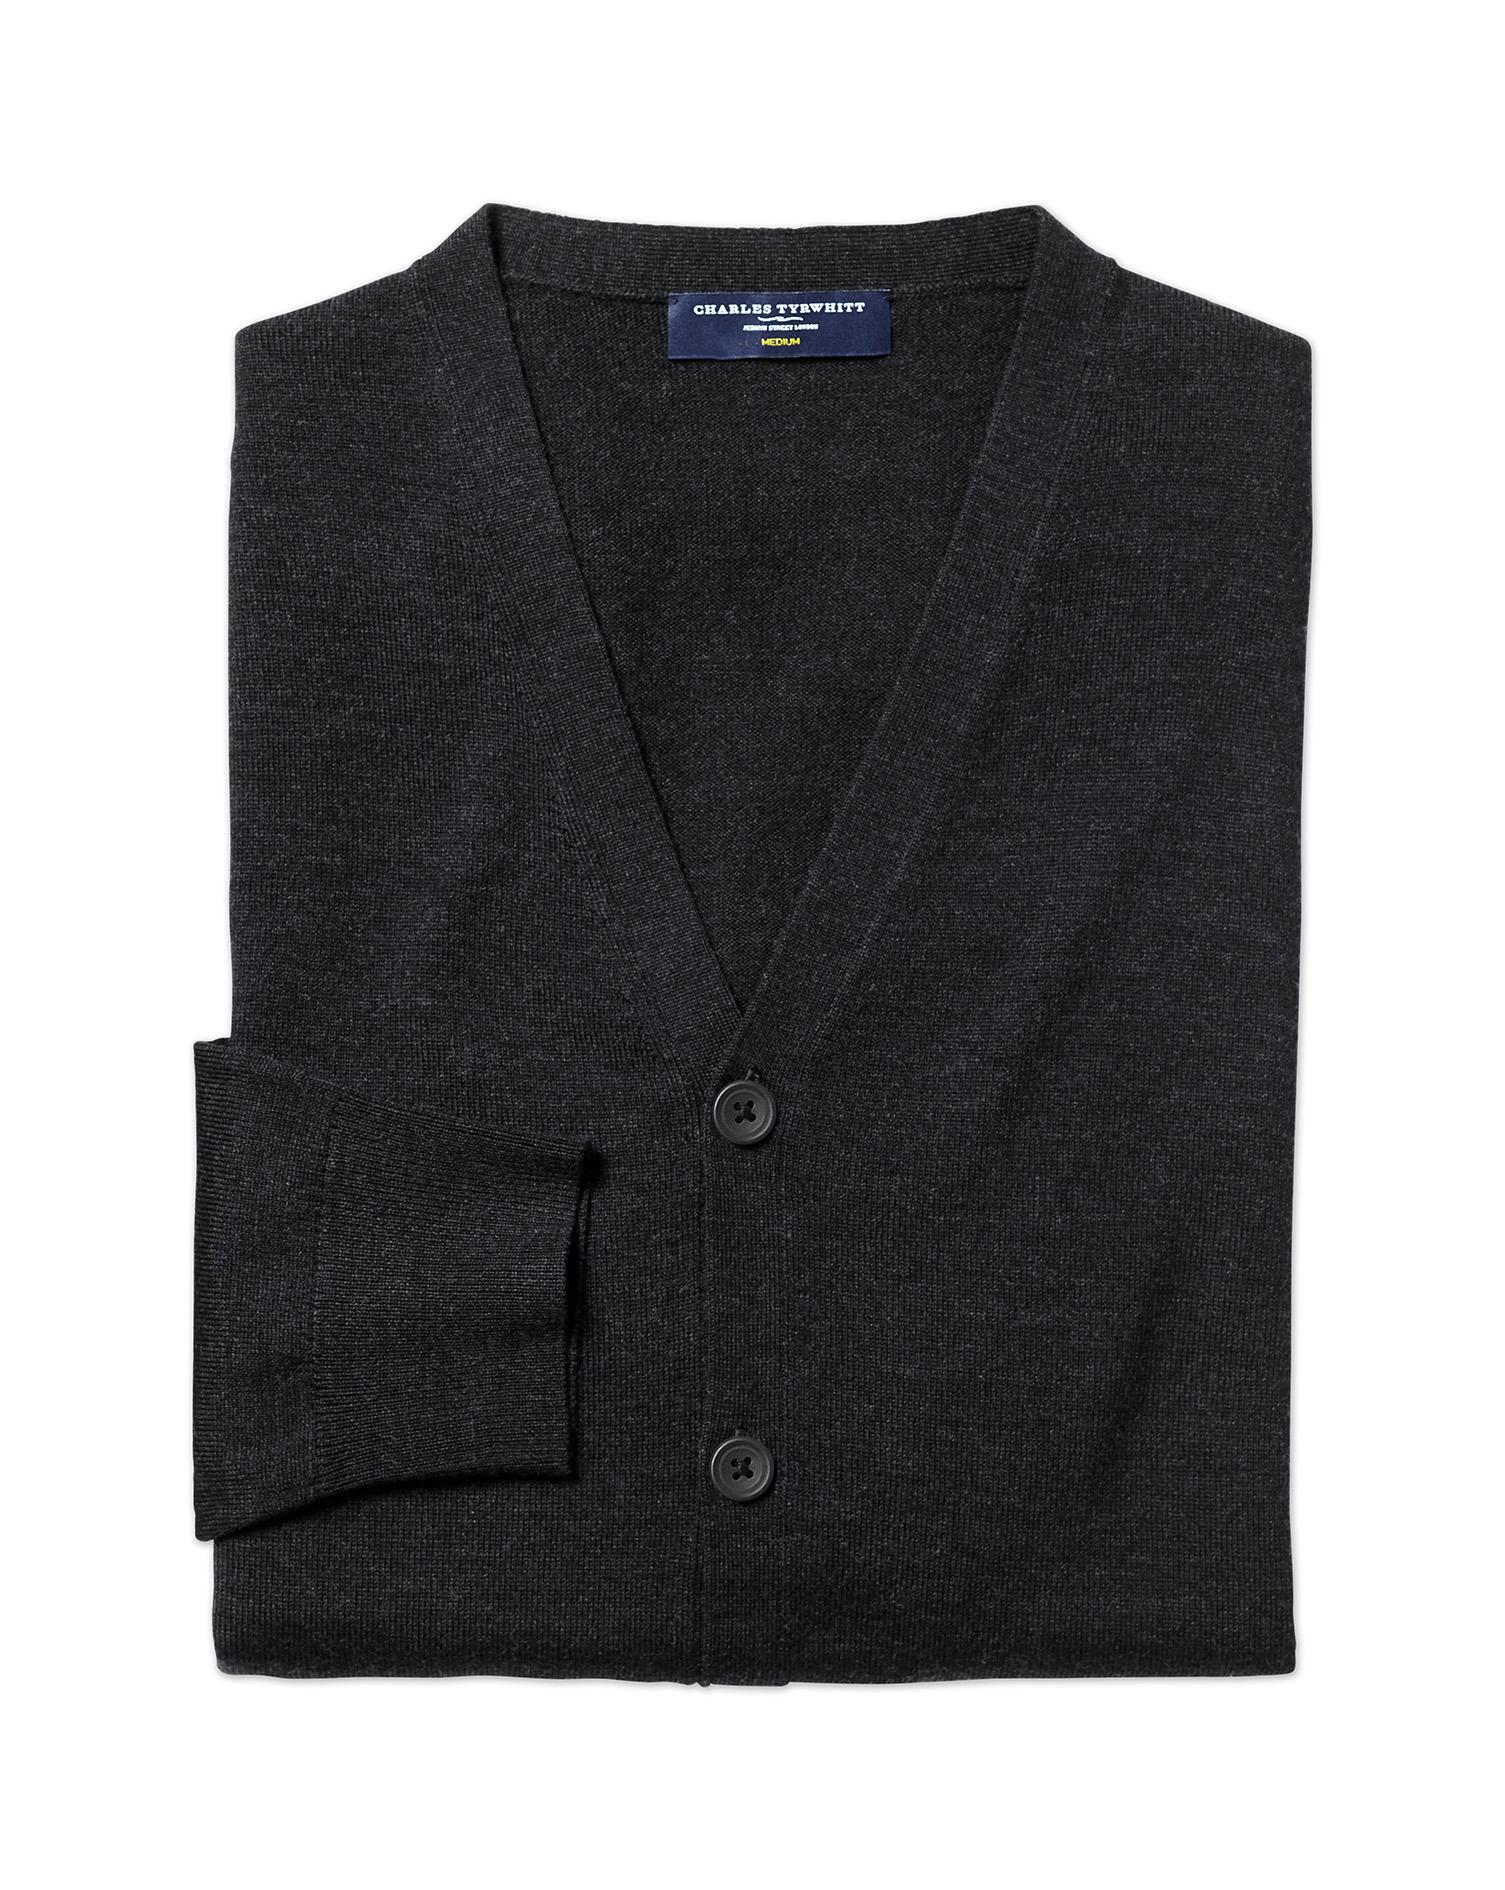 Dark Charcoal Merino Merino Wool Cardigan Size XXXL by Charles Tyrwhitt